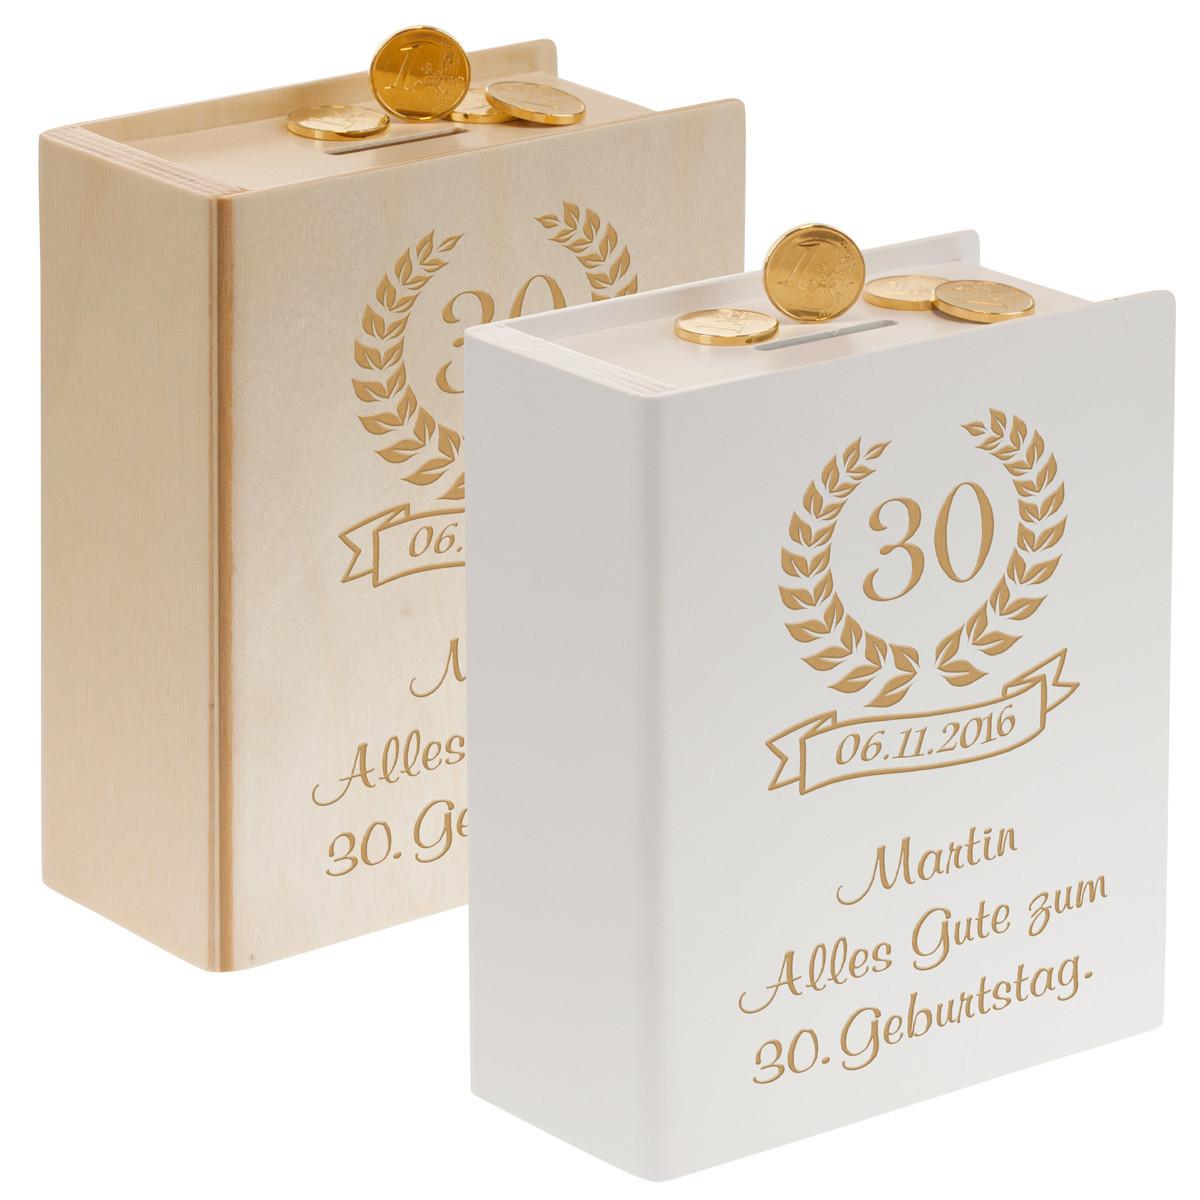 Außergewöhnliche Geburtstagsgeschenke  Außergewöhnliche Geschenke zum 40 Geburtstag